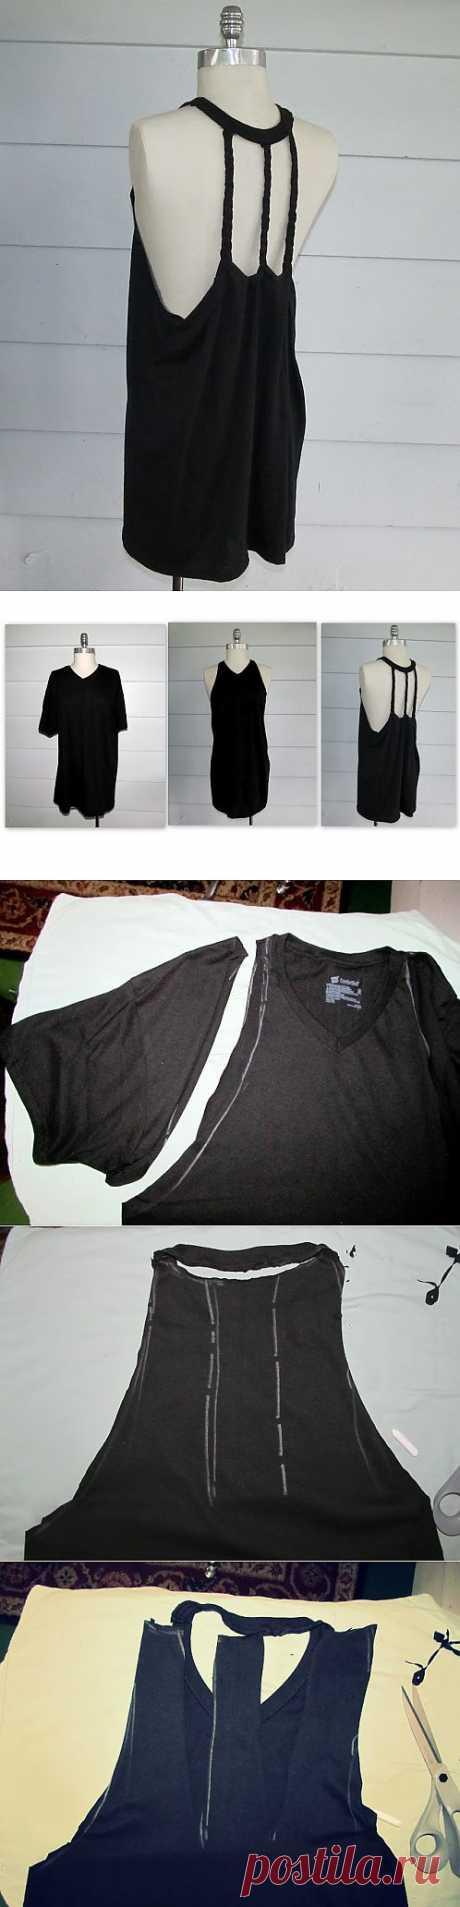 5 часть. Интересно переделываем футболки..